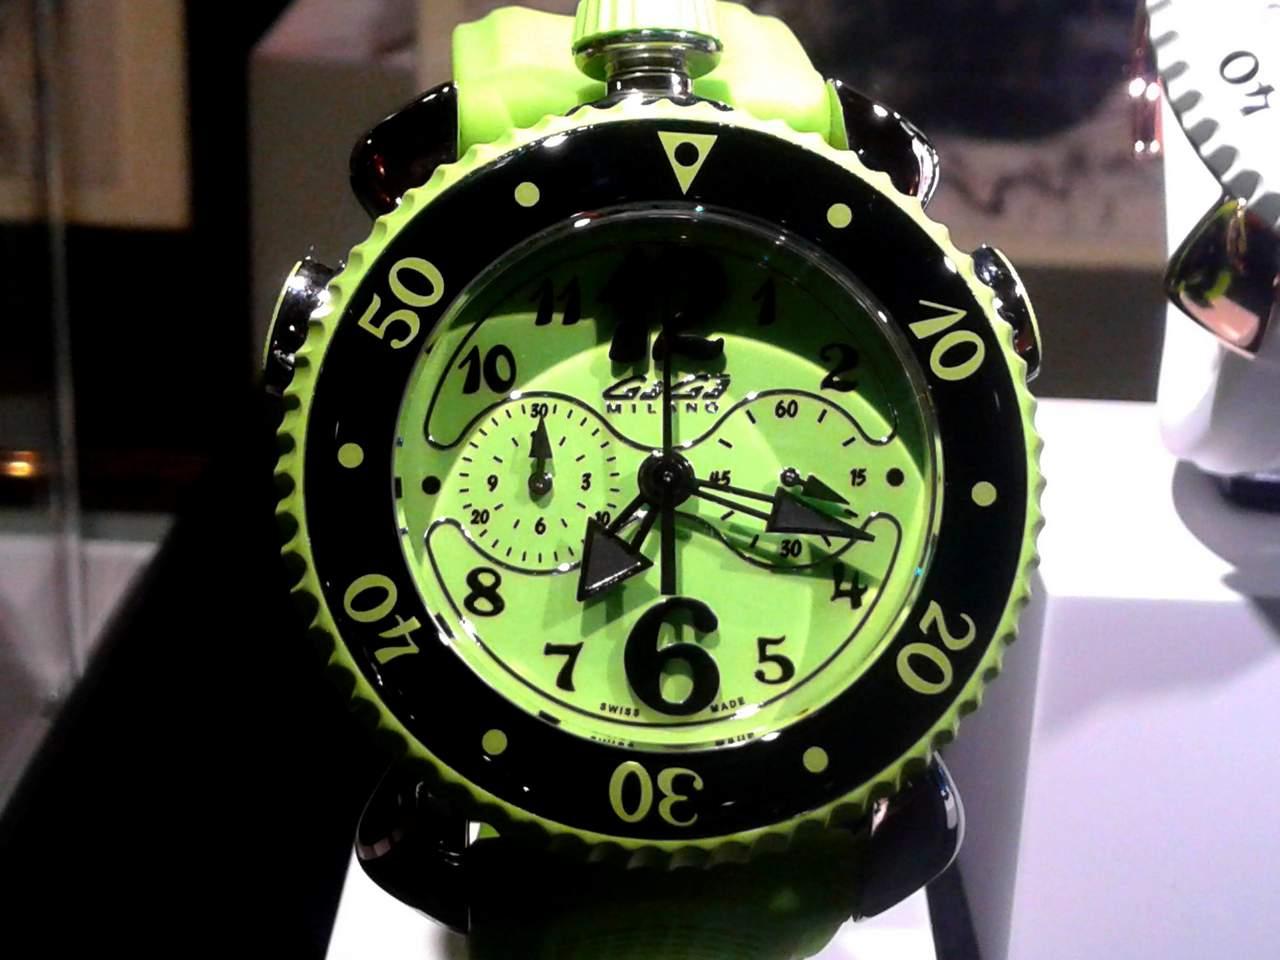 gaga-milano-watches-price-prezzo-fai-villa-necchi_0-100_6